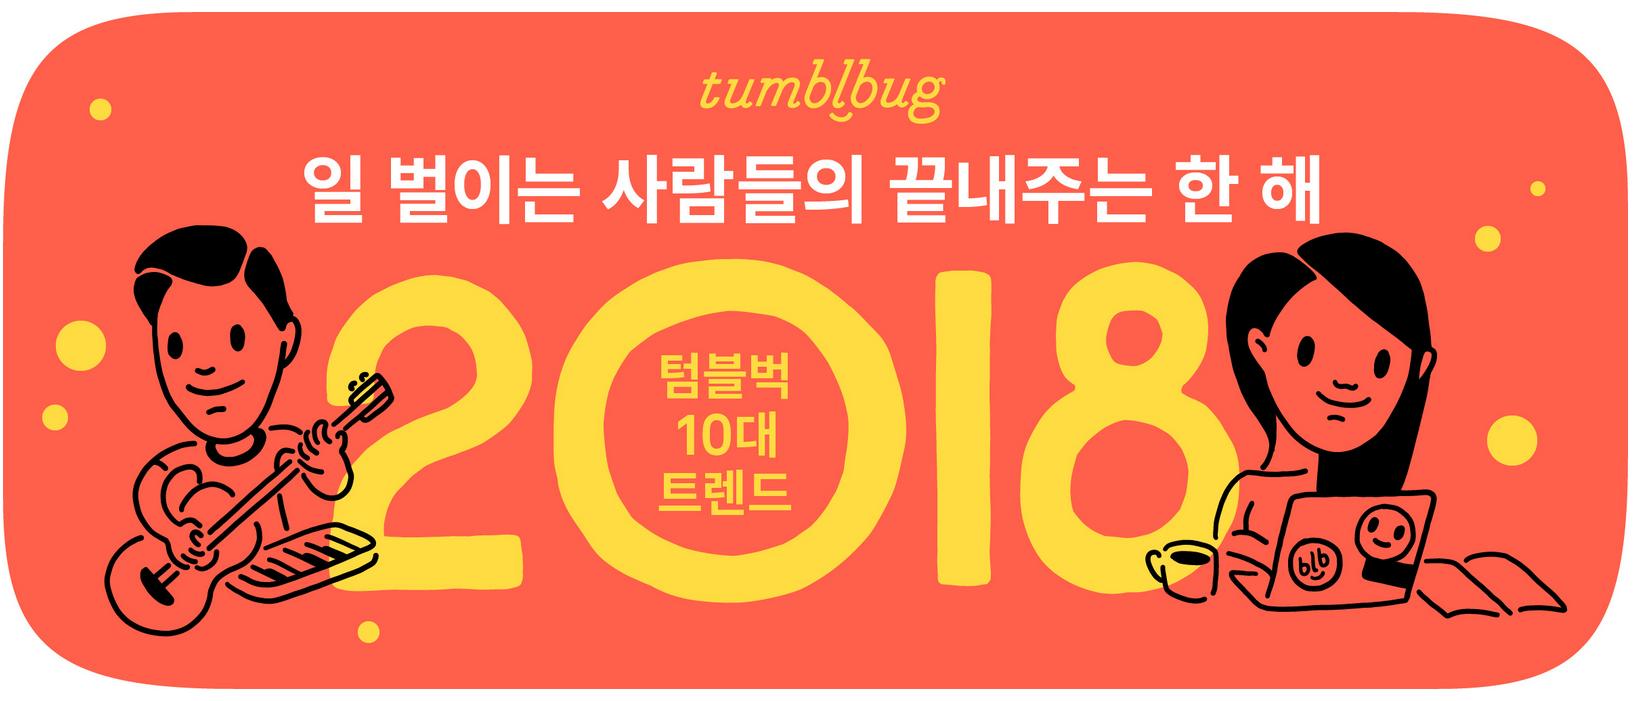 tumblbug 2018